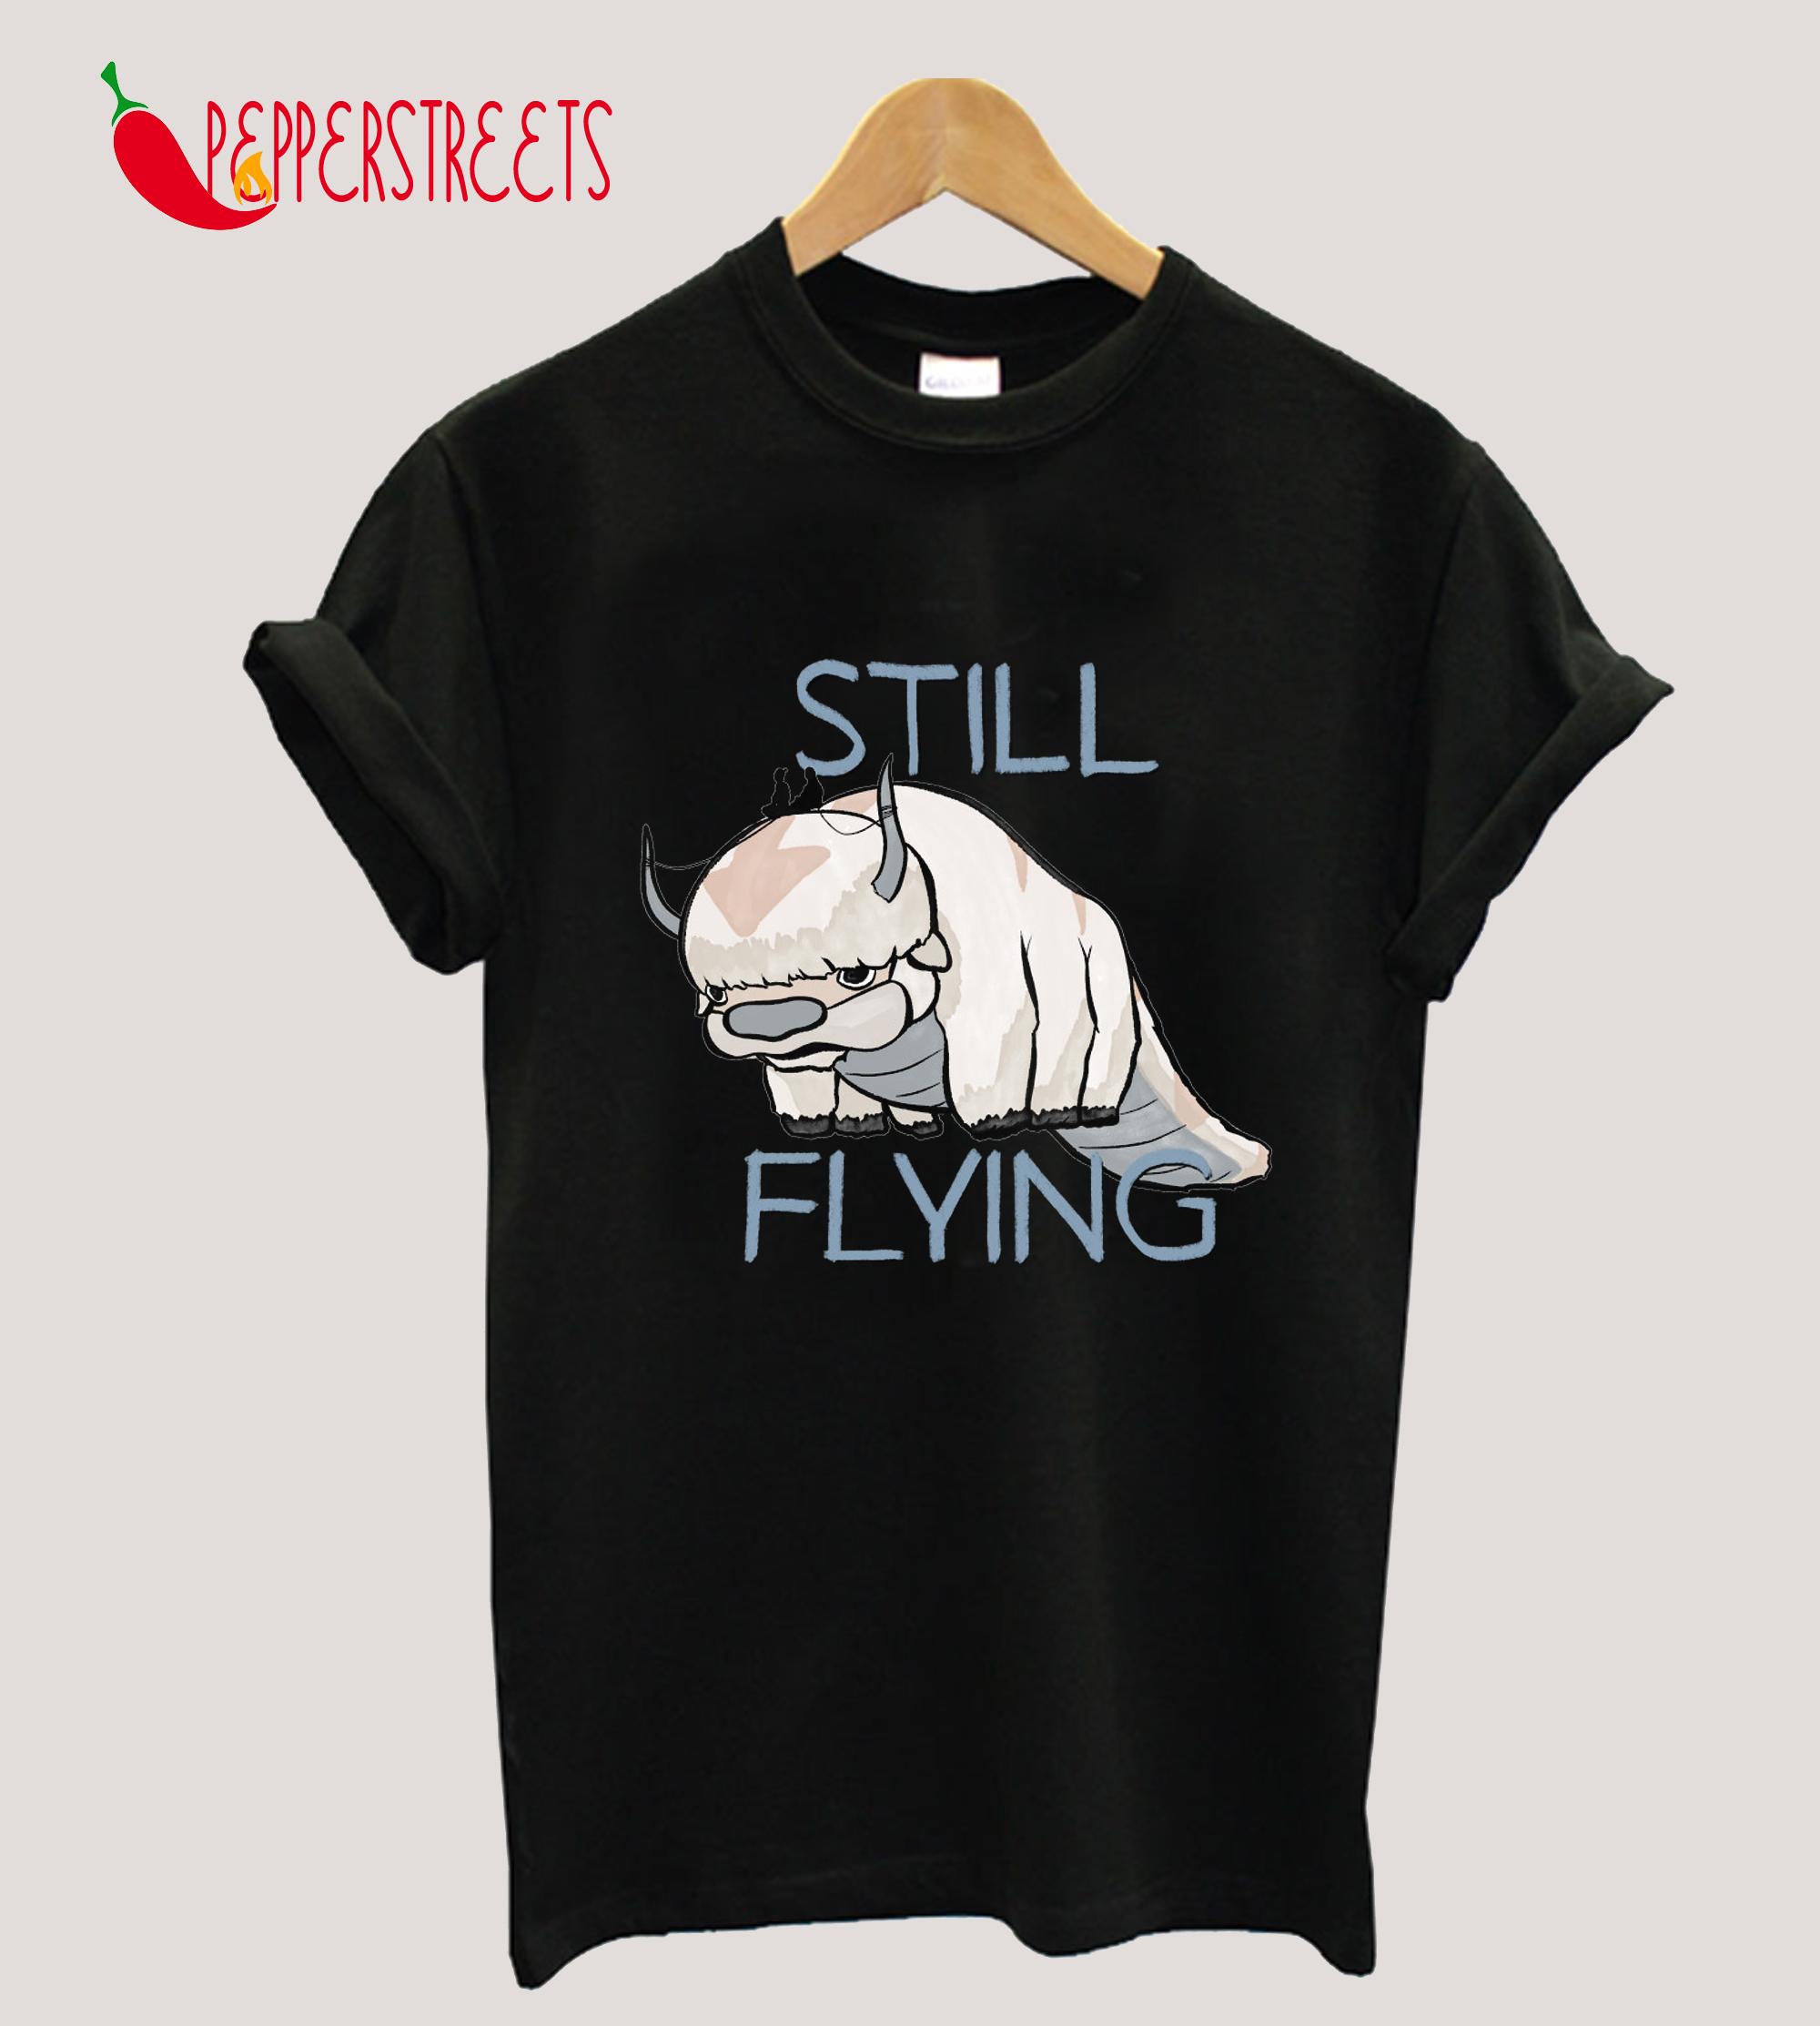 Still Flying - Appa T-Shirt